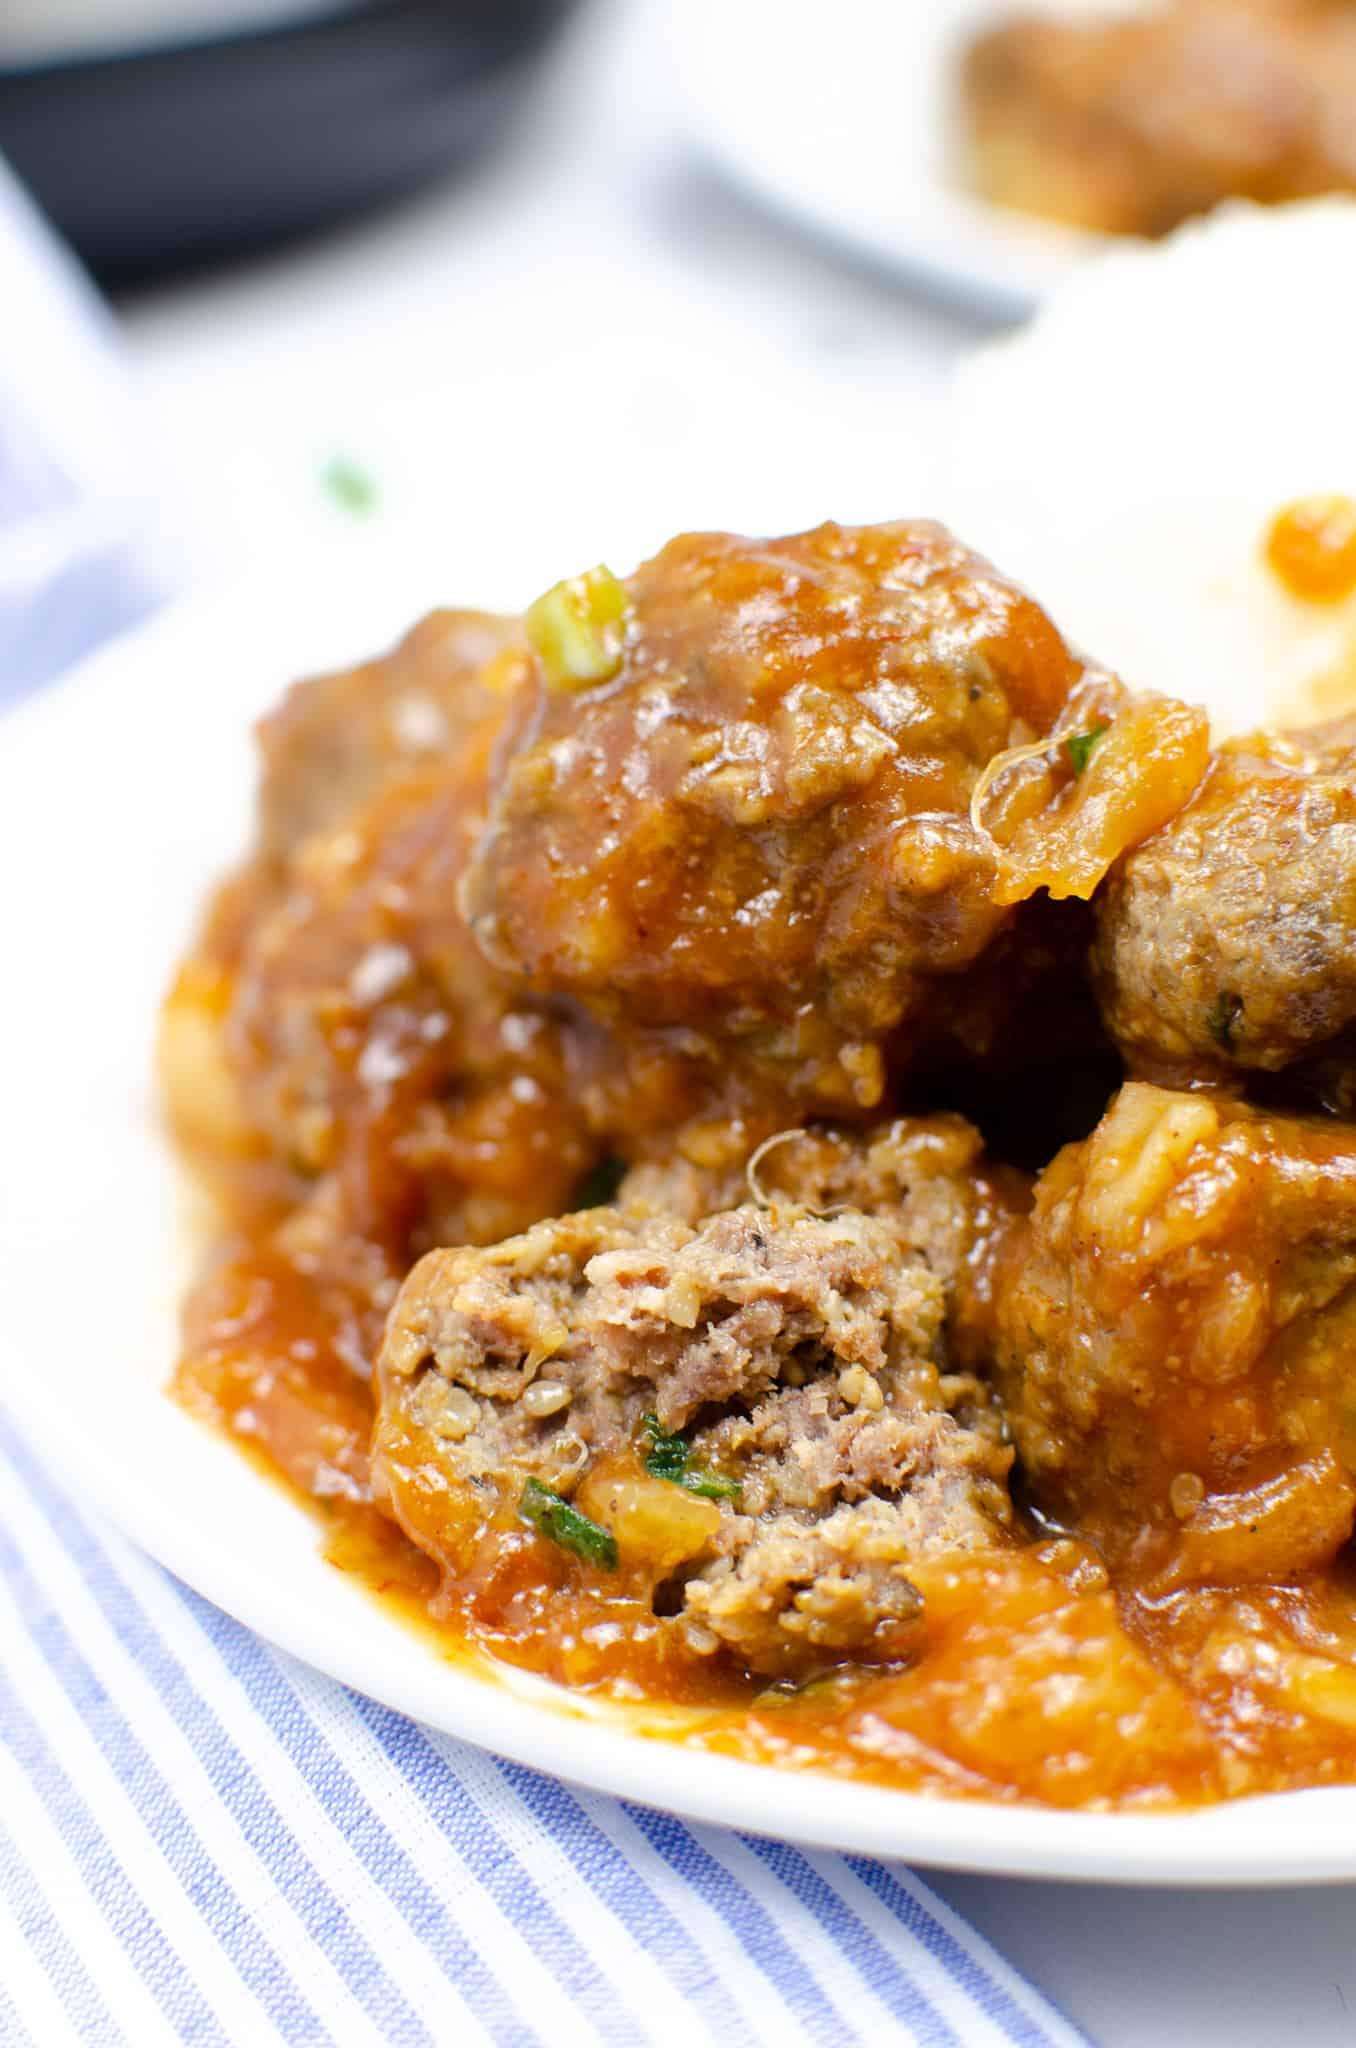 A plate of Instant Pot Hawaiian Meatballs